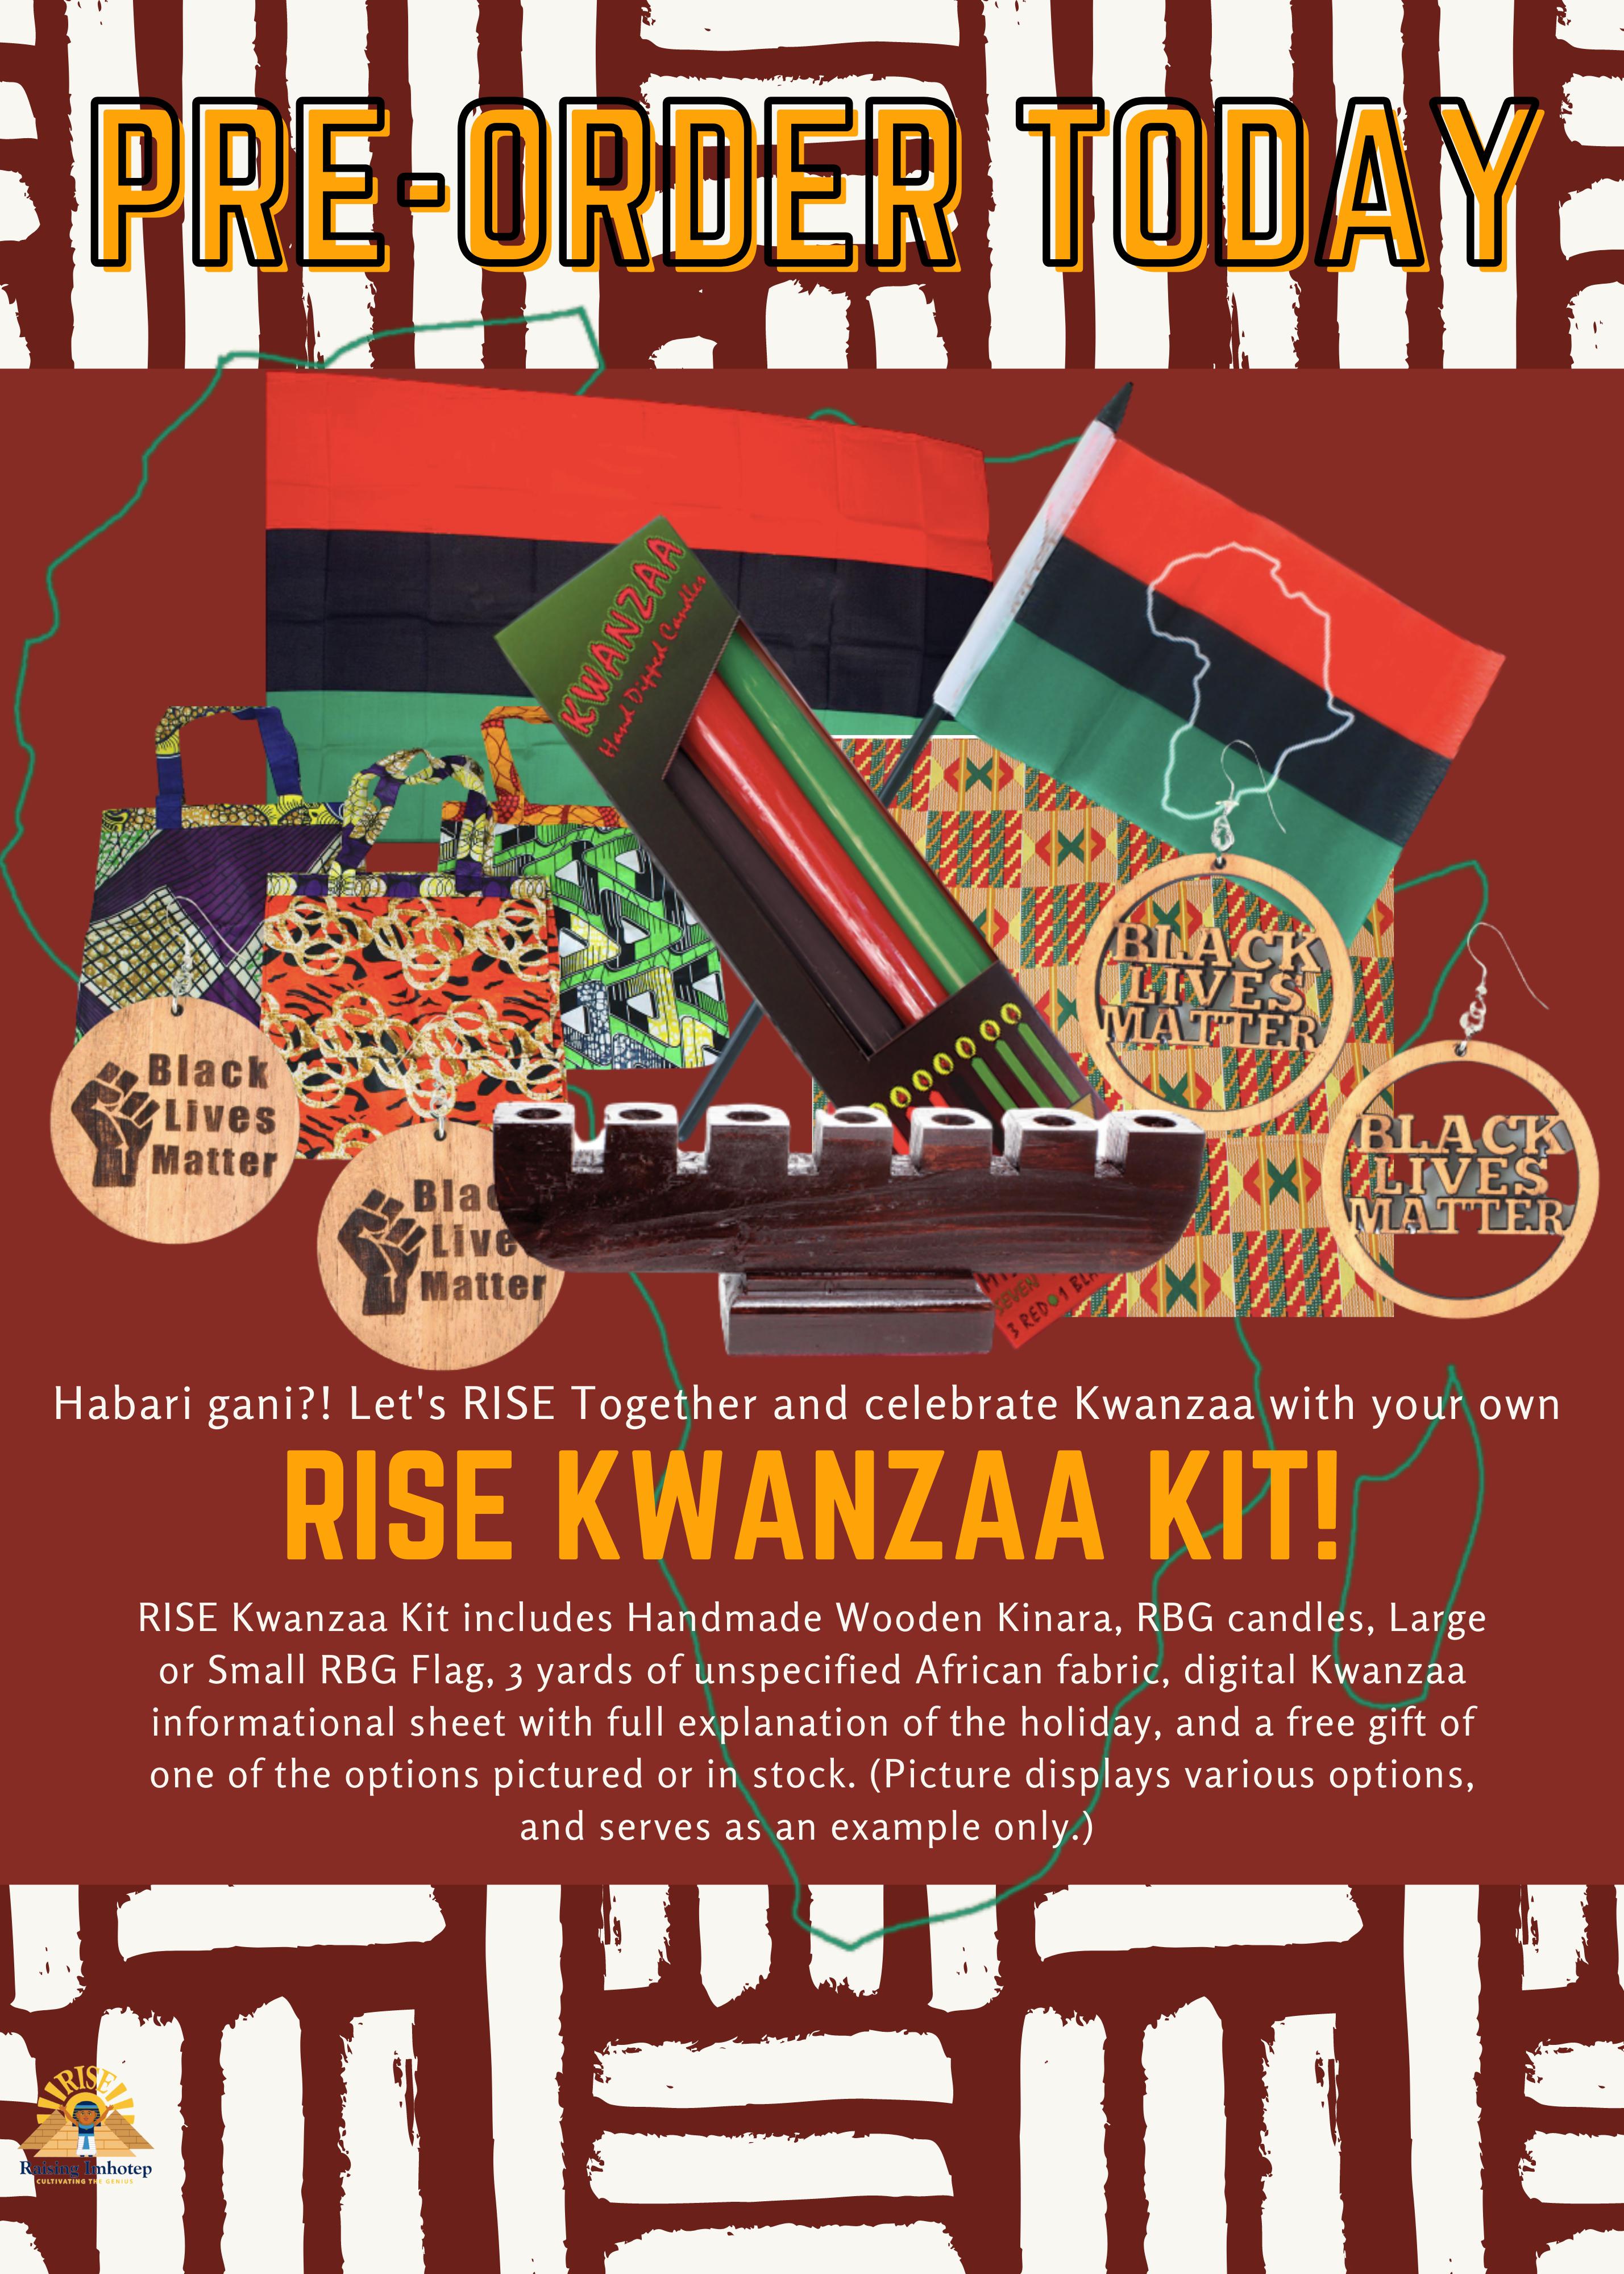 RISE Kwanzaa Kit